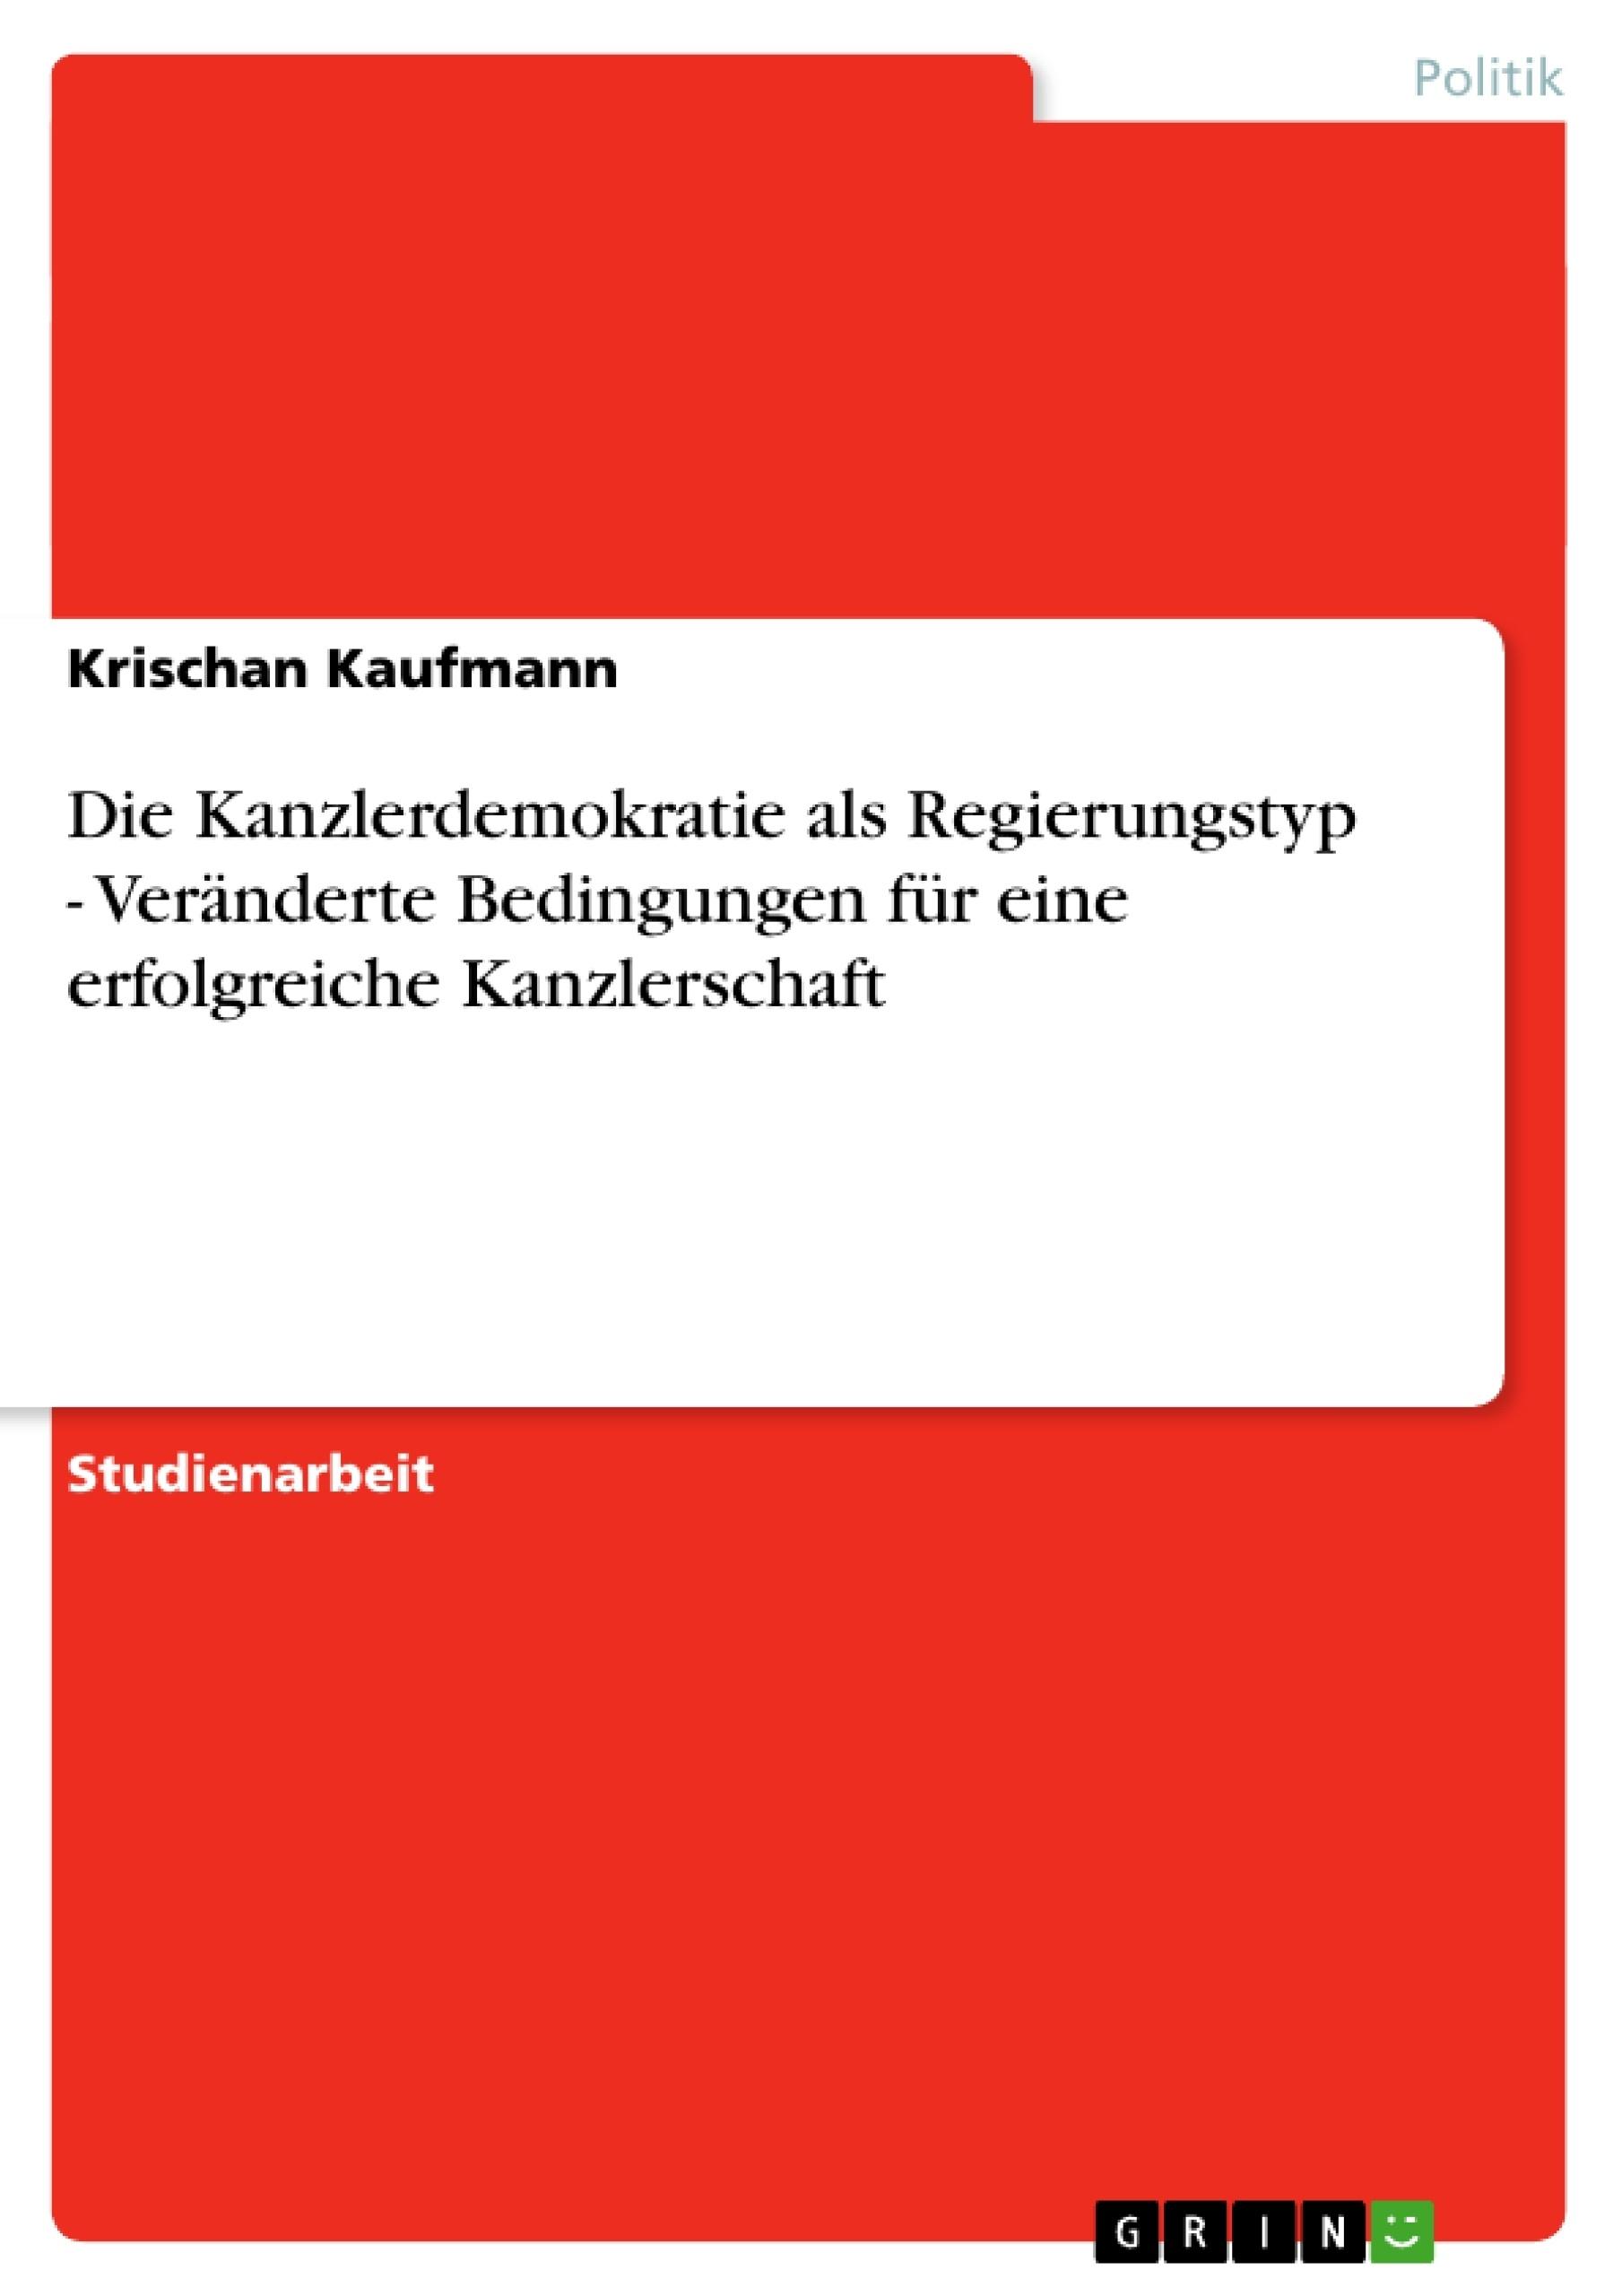 Titel: Die Kanzlerdemokratie als Regierungstyp - Veränderte Bedingungen für eine erfolgreiche Kanzlerschaft